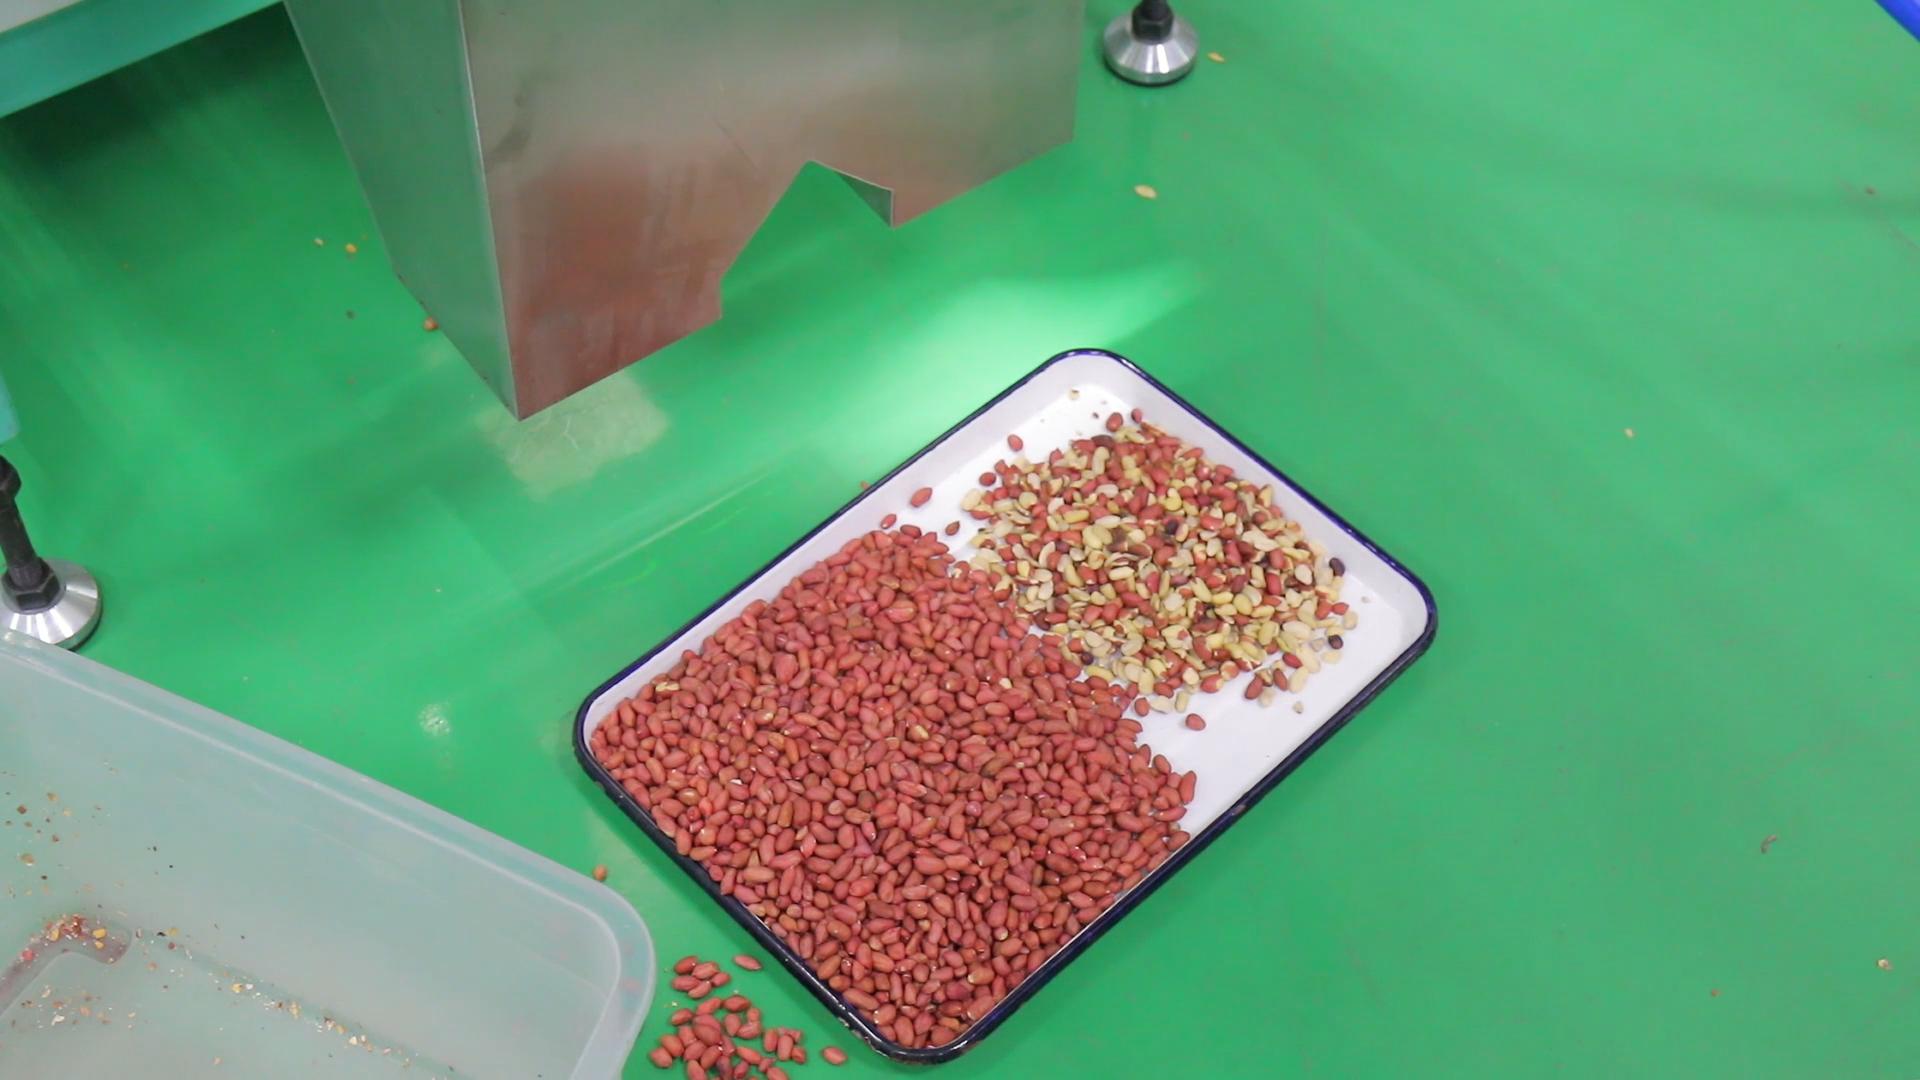 WYB4 kemer tipi kavrulmuş fıstık renk sıralayıcı makinesi ayırma fıstık kabuk olmadan